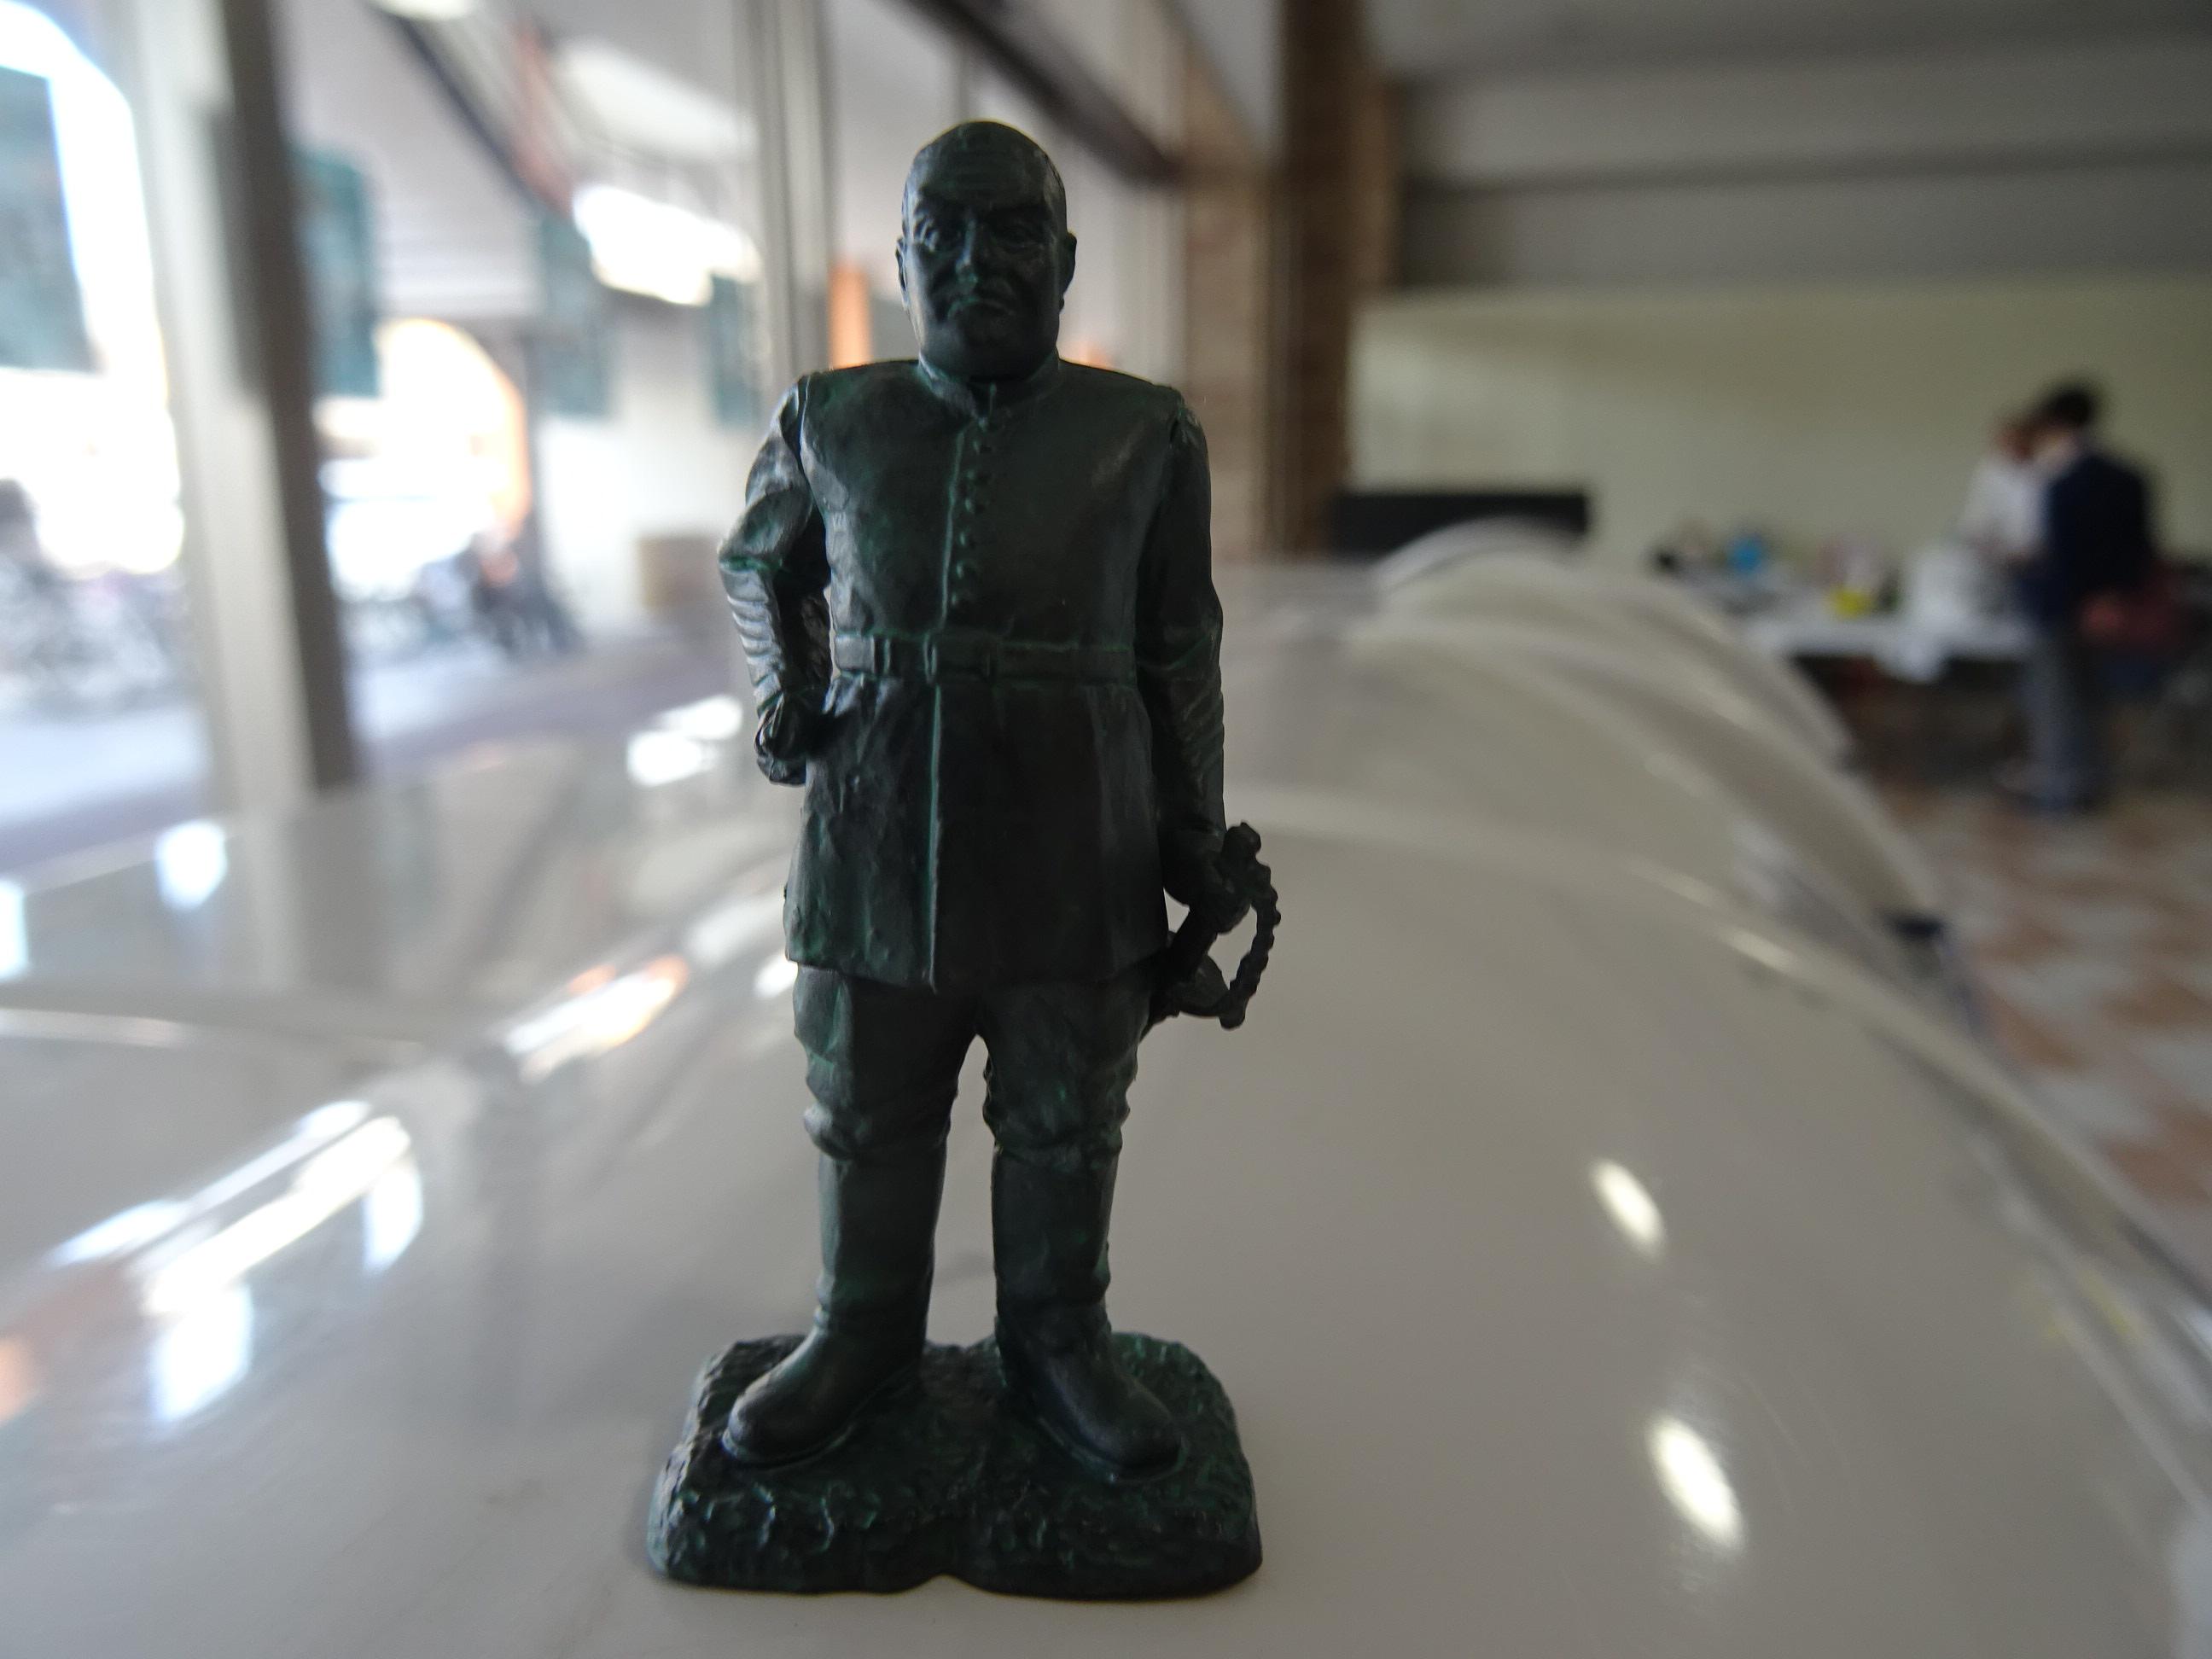 【#海洋堂かごしま】たけどんが一発ツモで「西郷銅像」フィギュアを引き当てた【ガチャ】(PR)